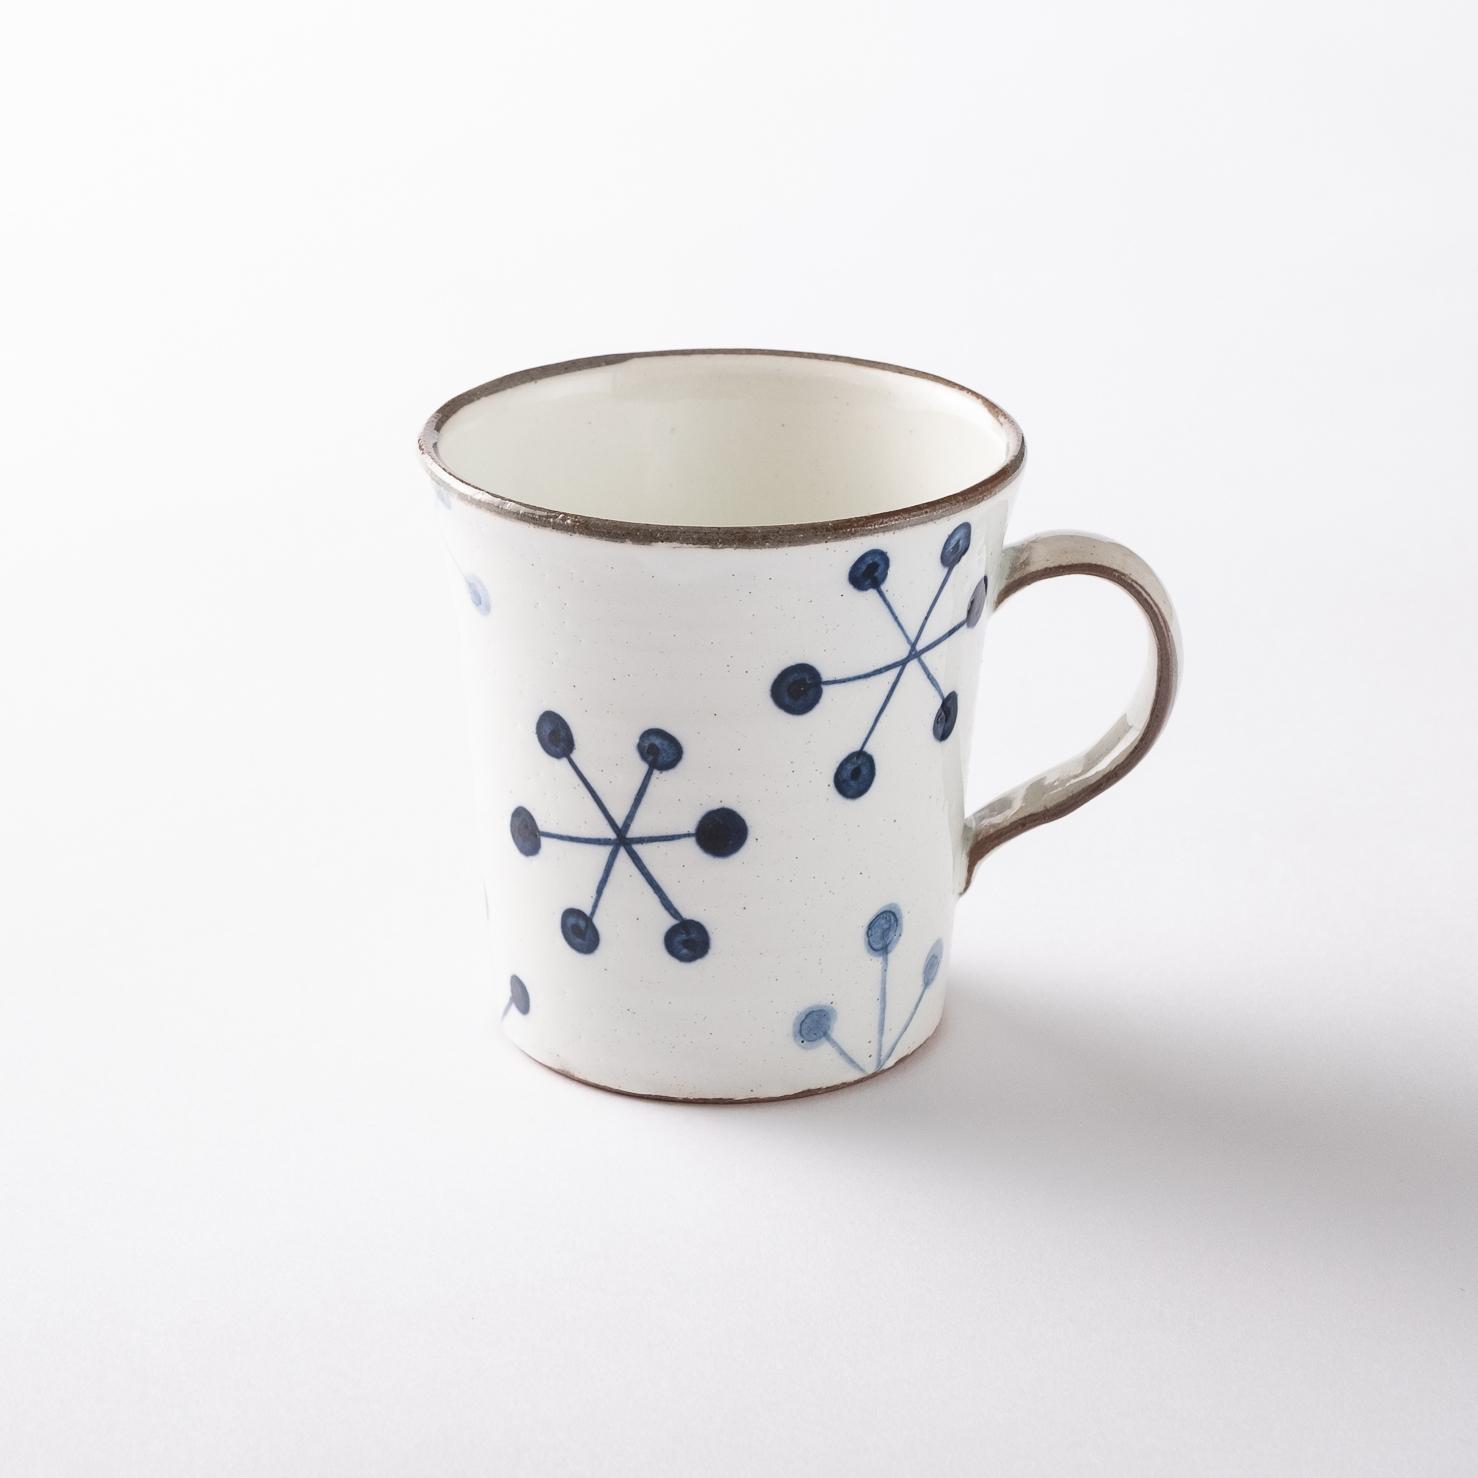 【瀬戸焼】マグカップ「いんでぃご- ホワイト 六角花 マグ」